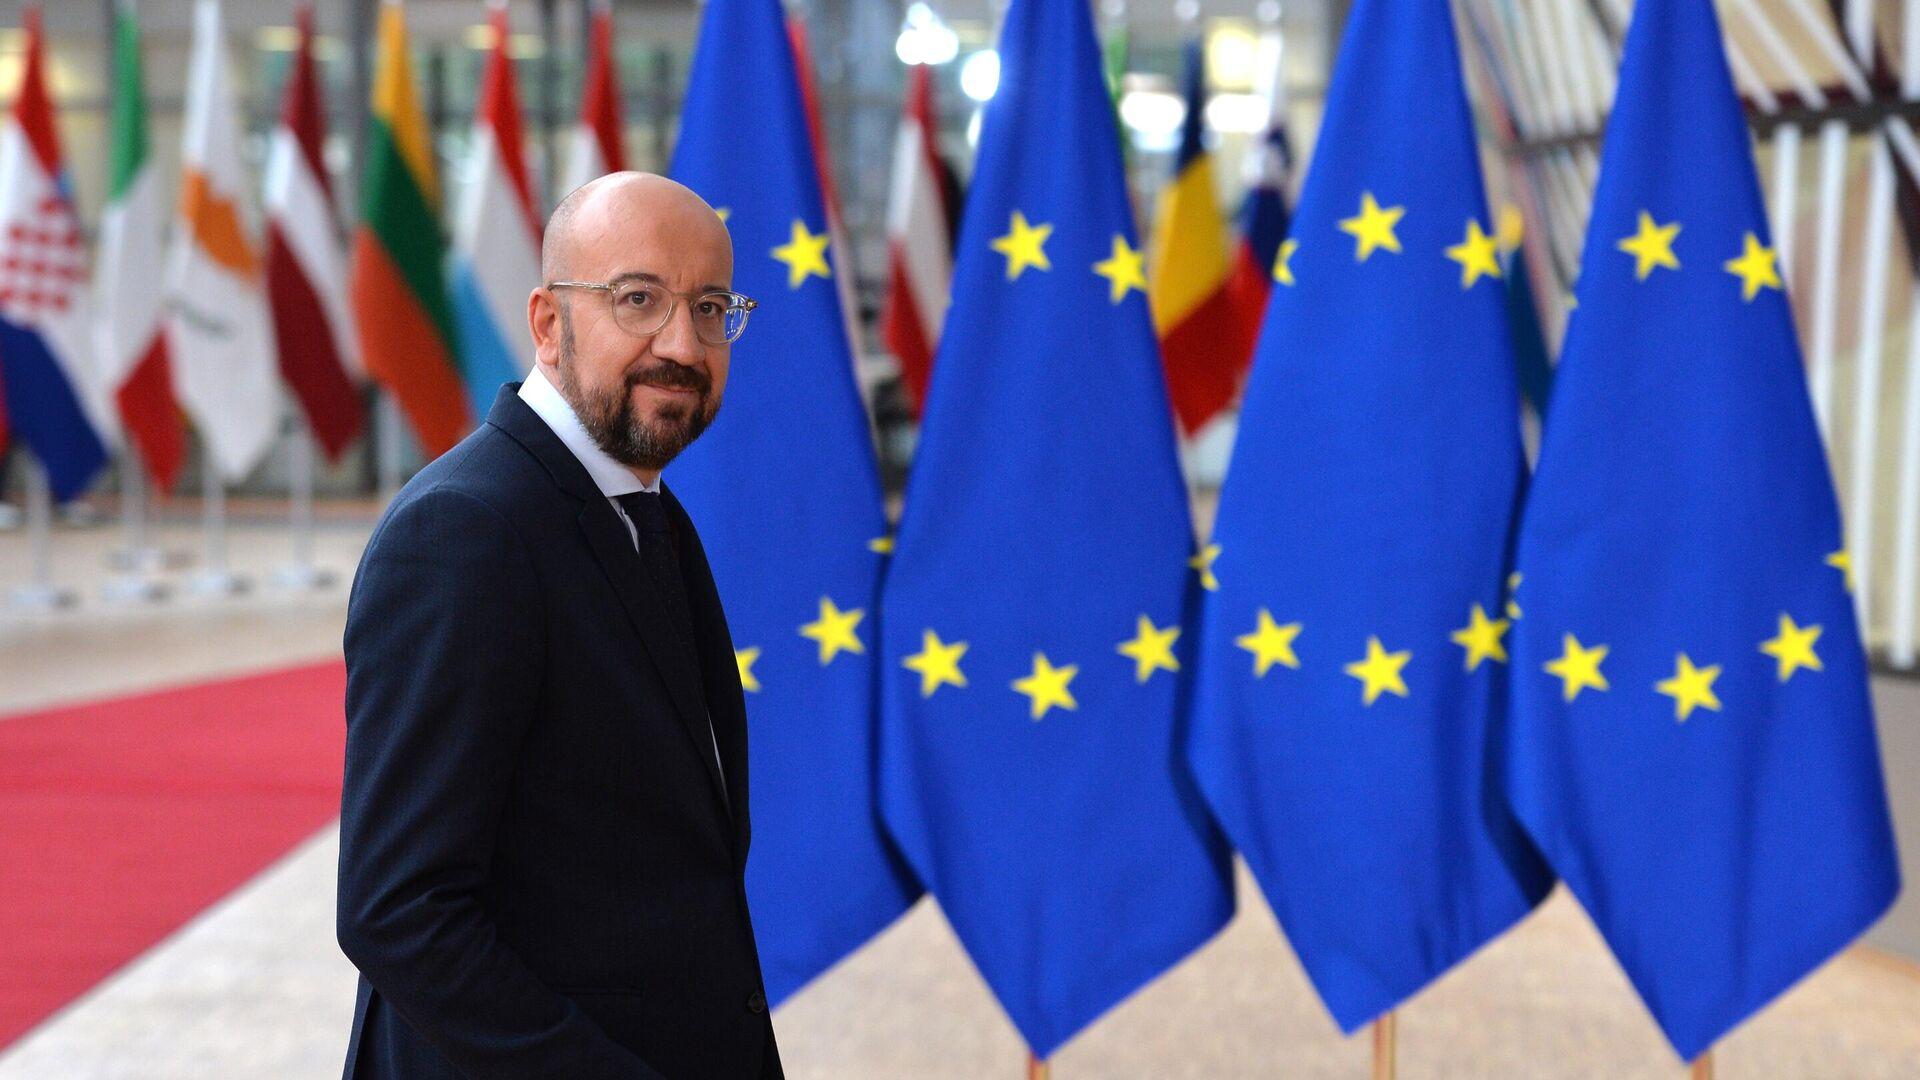 Президент Европейского совета Шарль Мишель на саммите ЕС в Брюсселе - РИА Новости, 1920, 07.06.2021